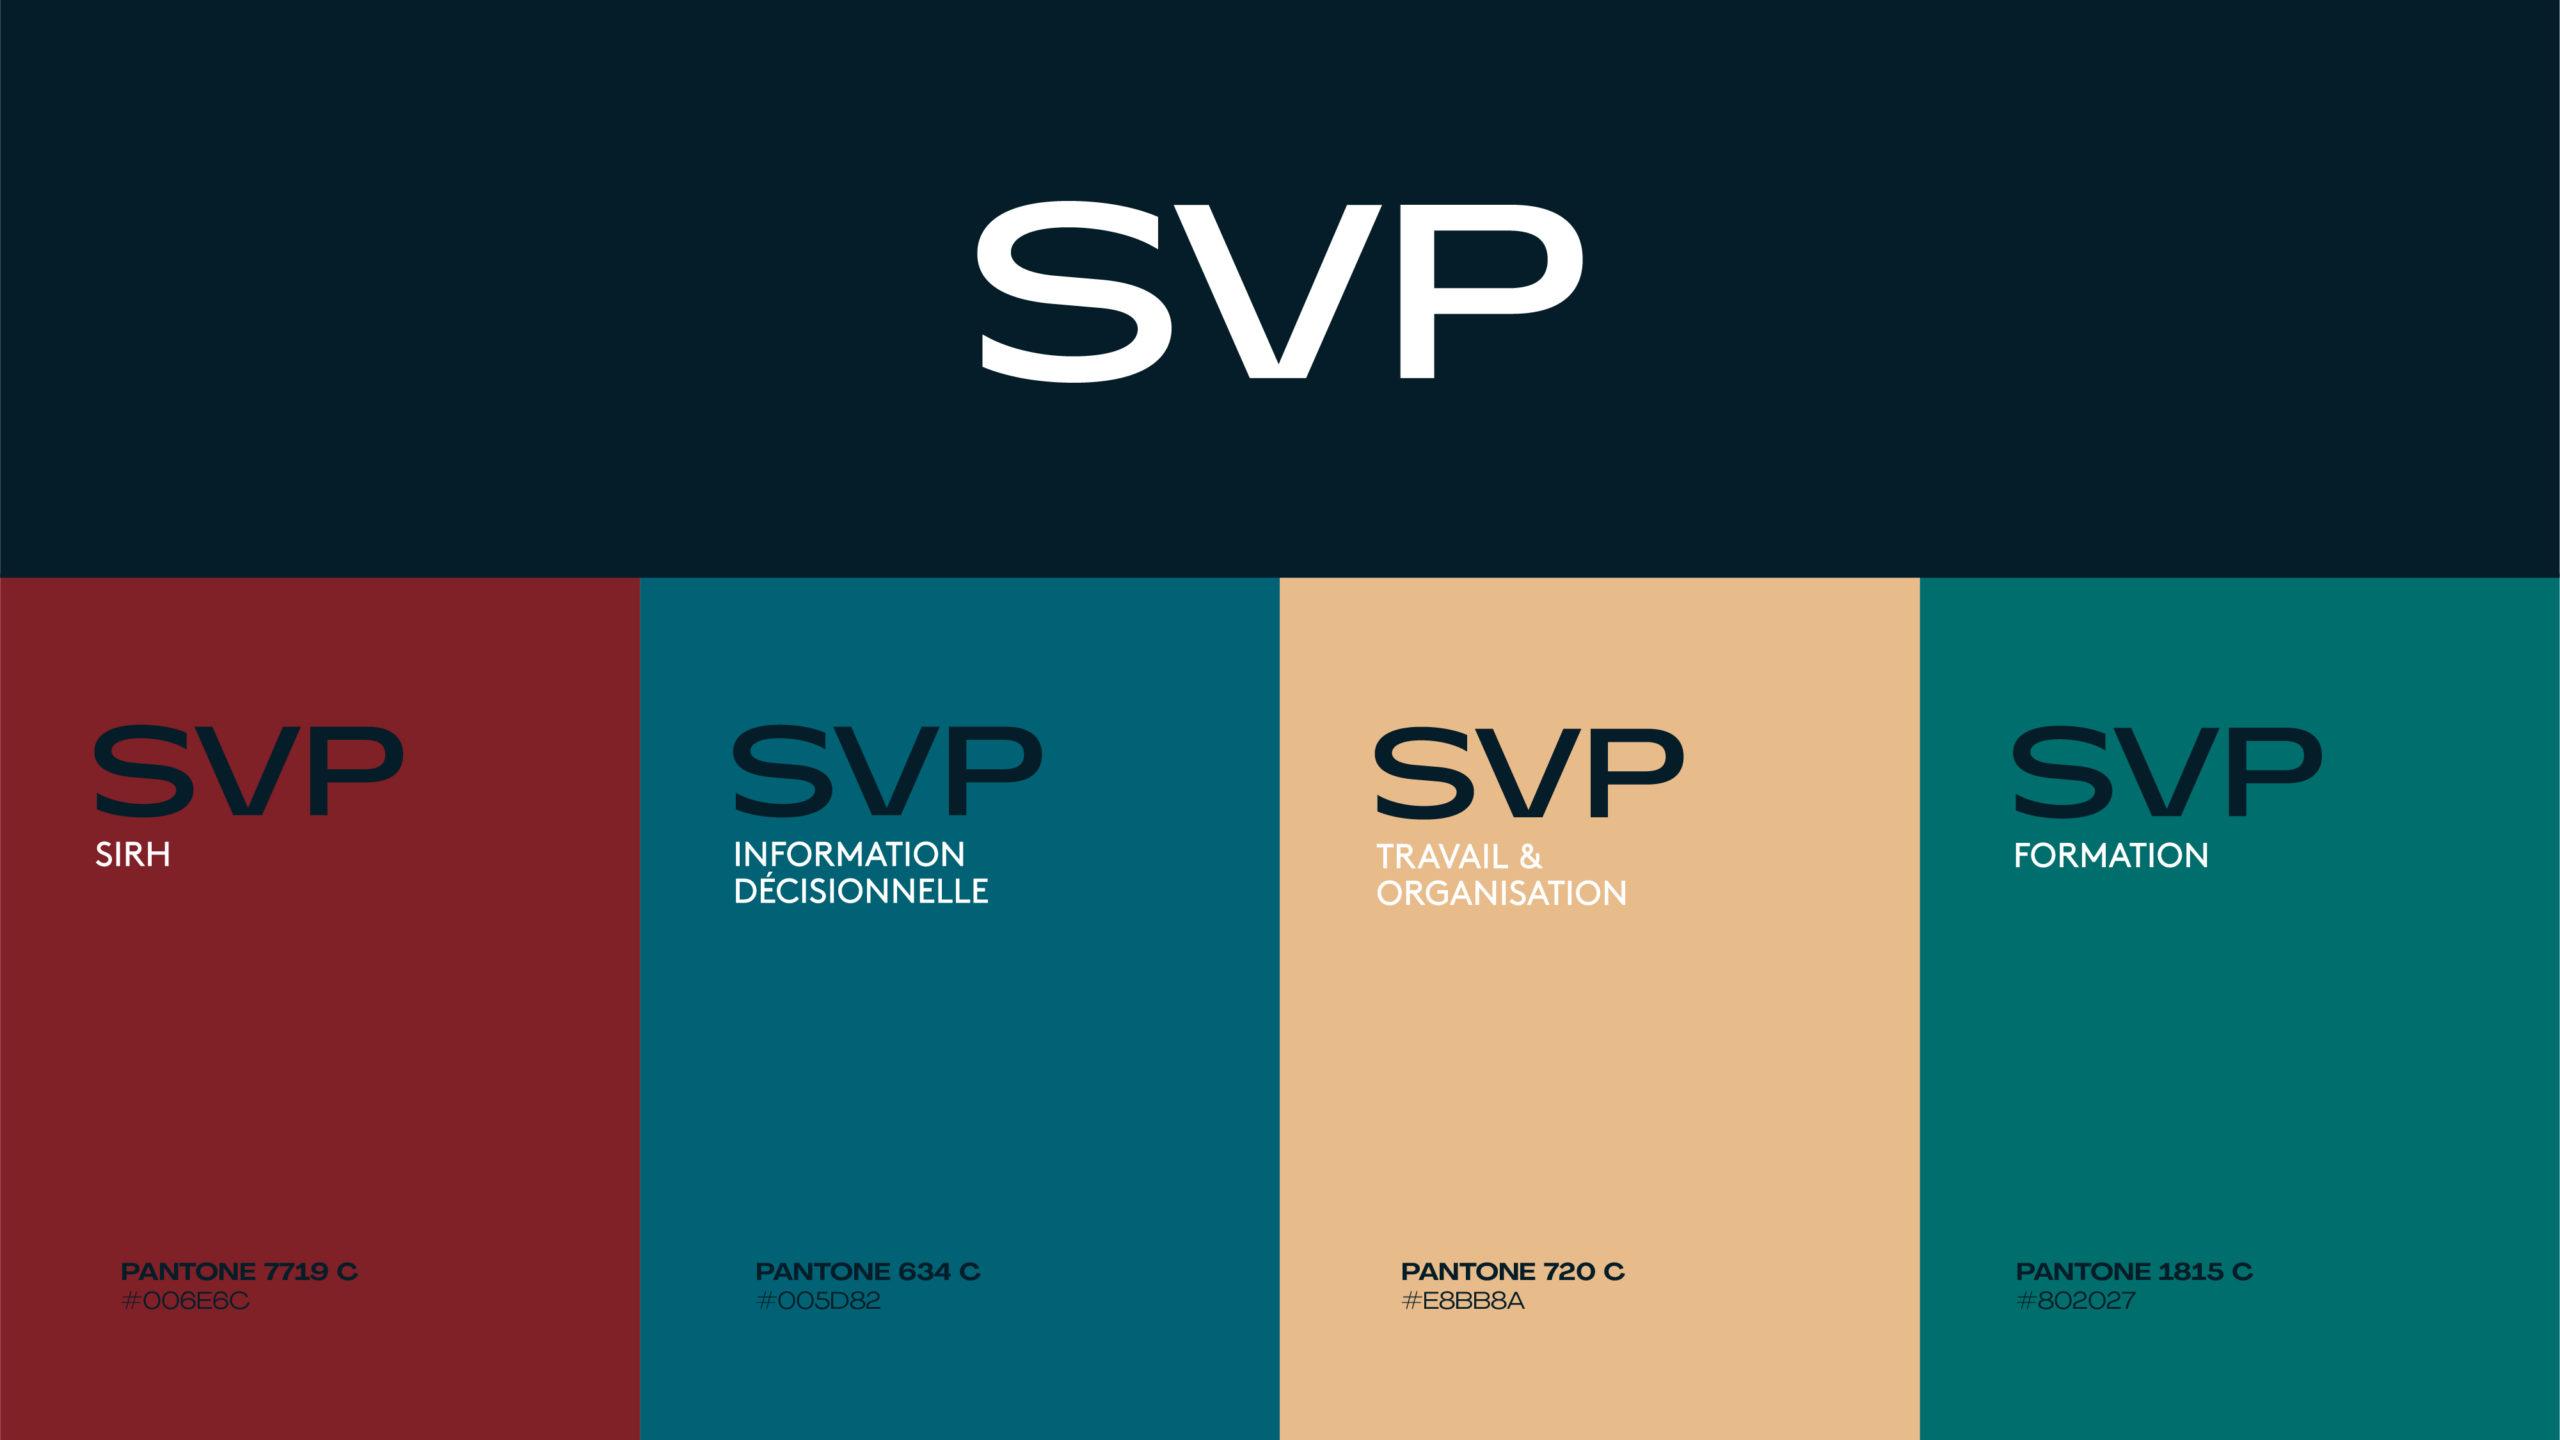 Les différentes branches du groupe SVP